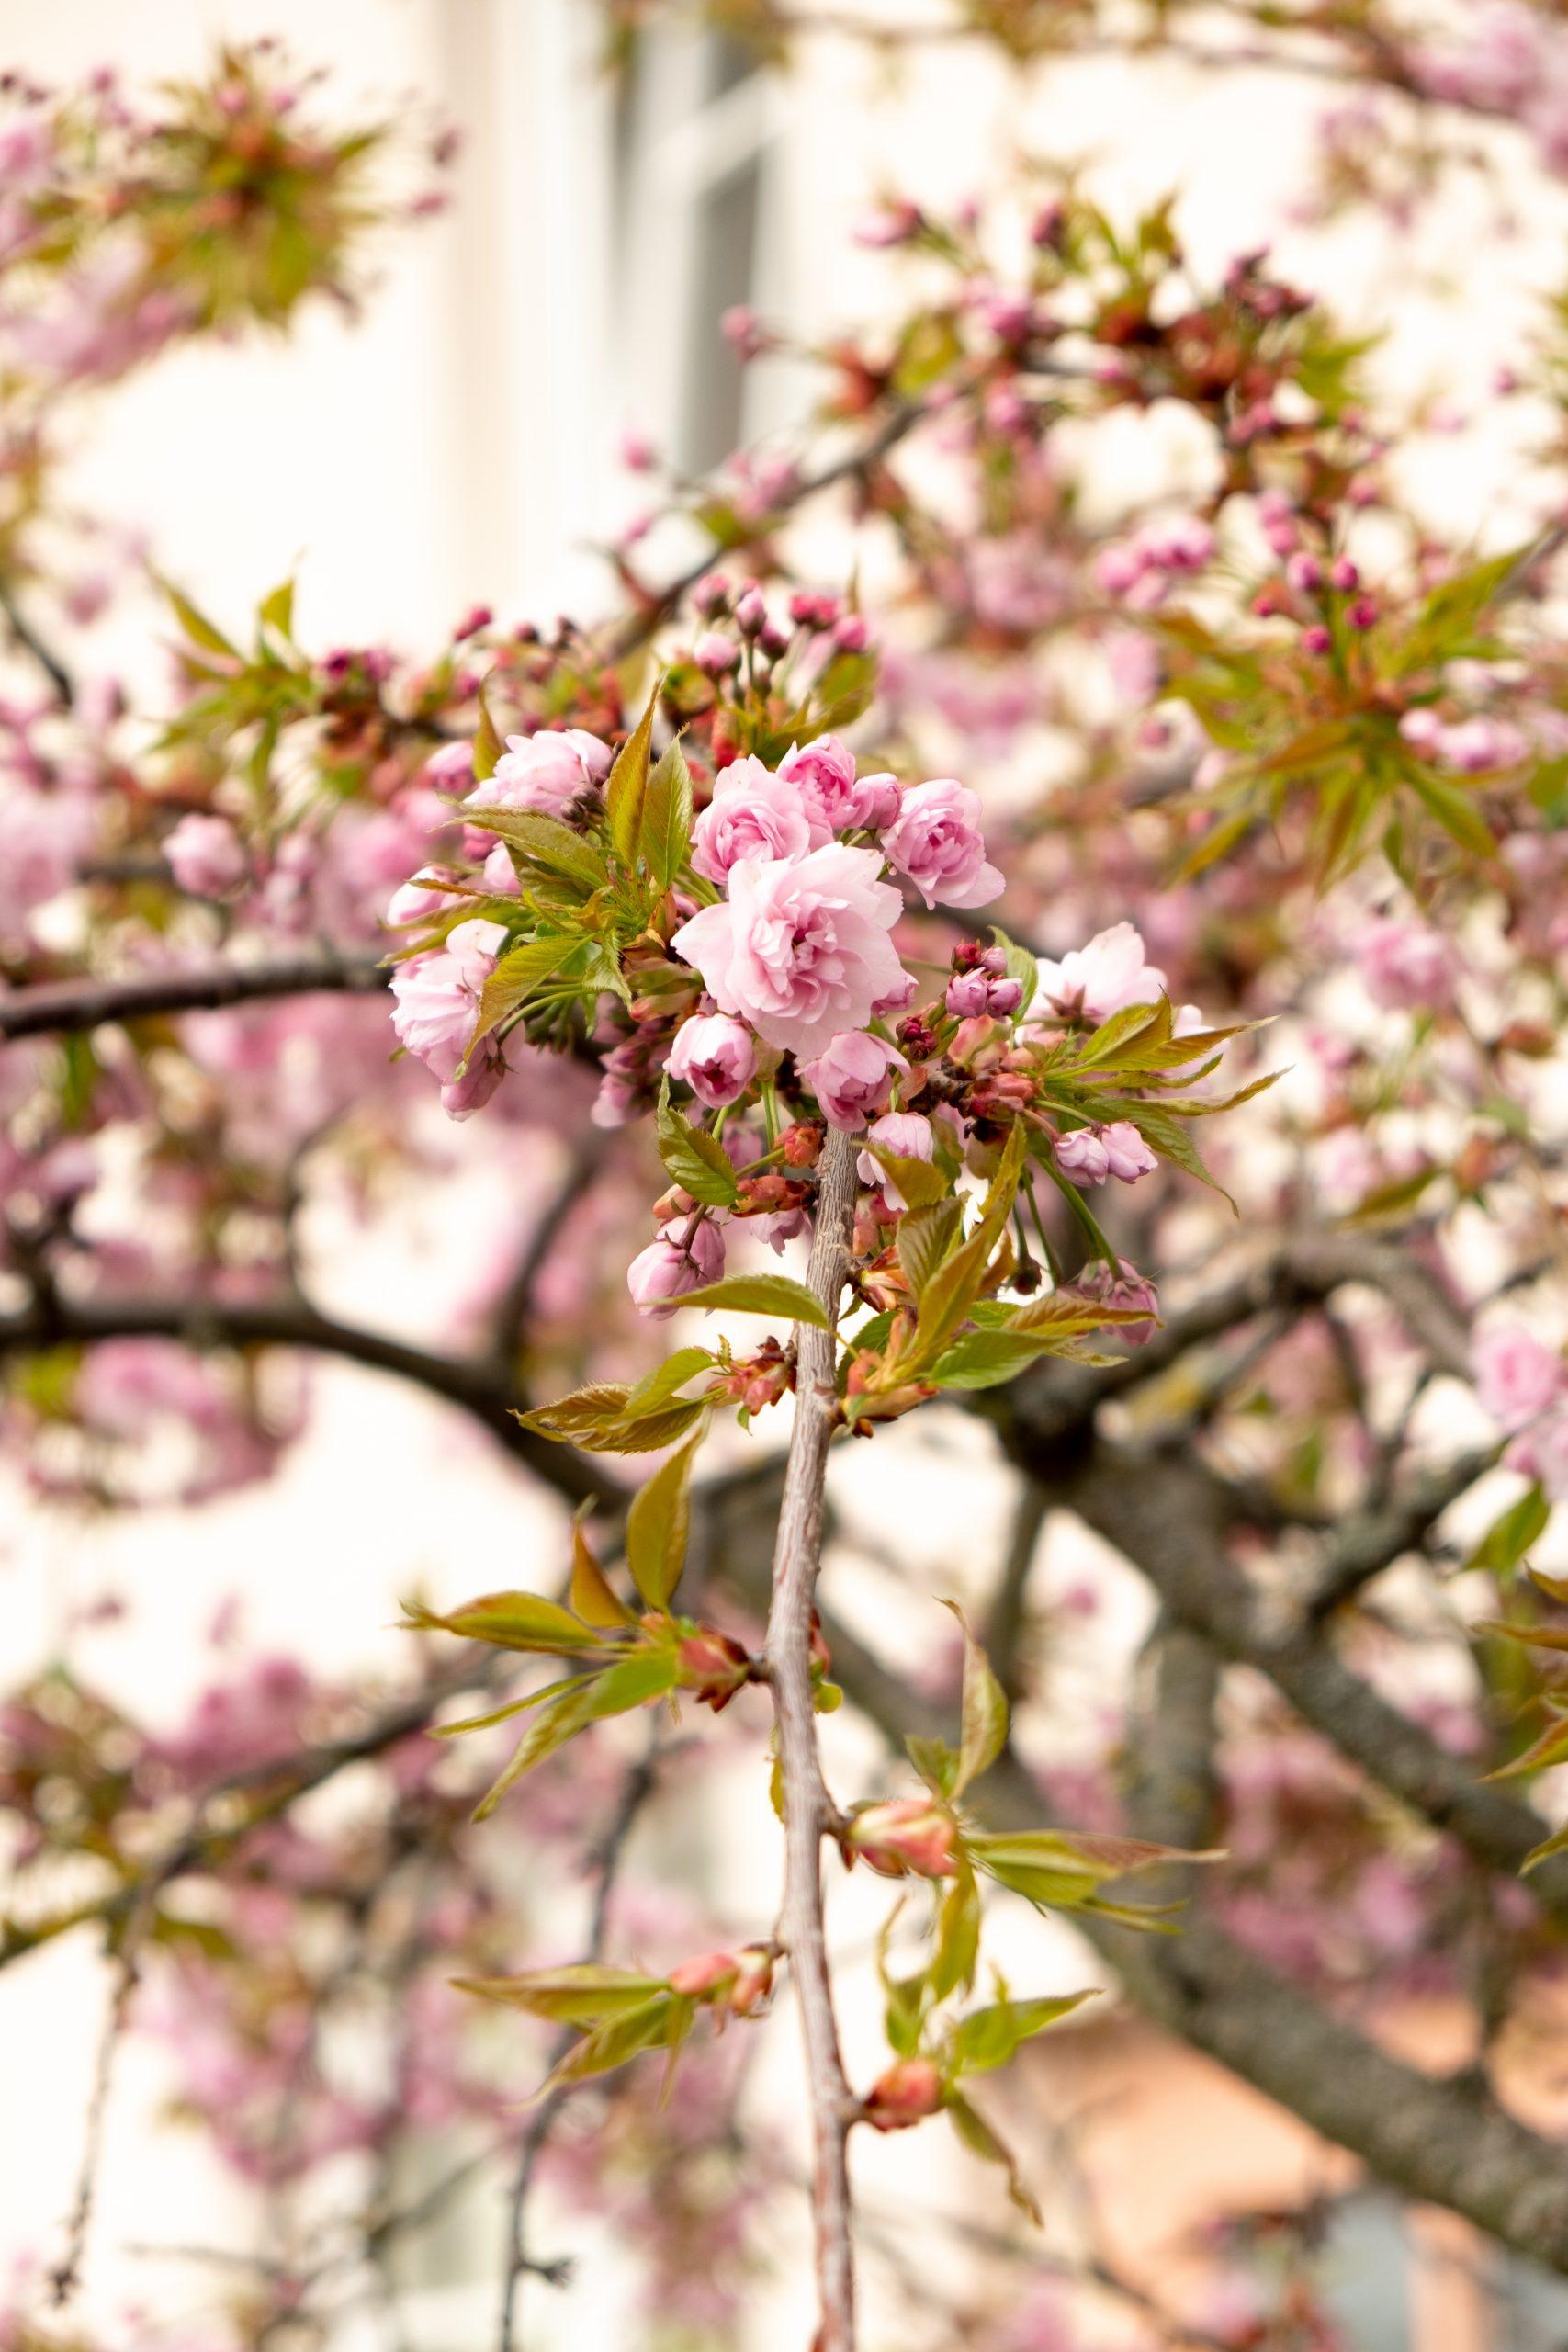 April in Flowers II